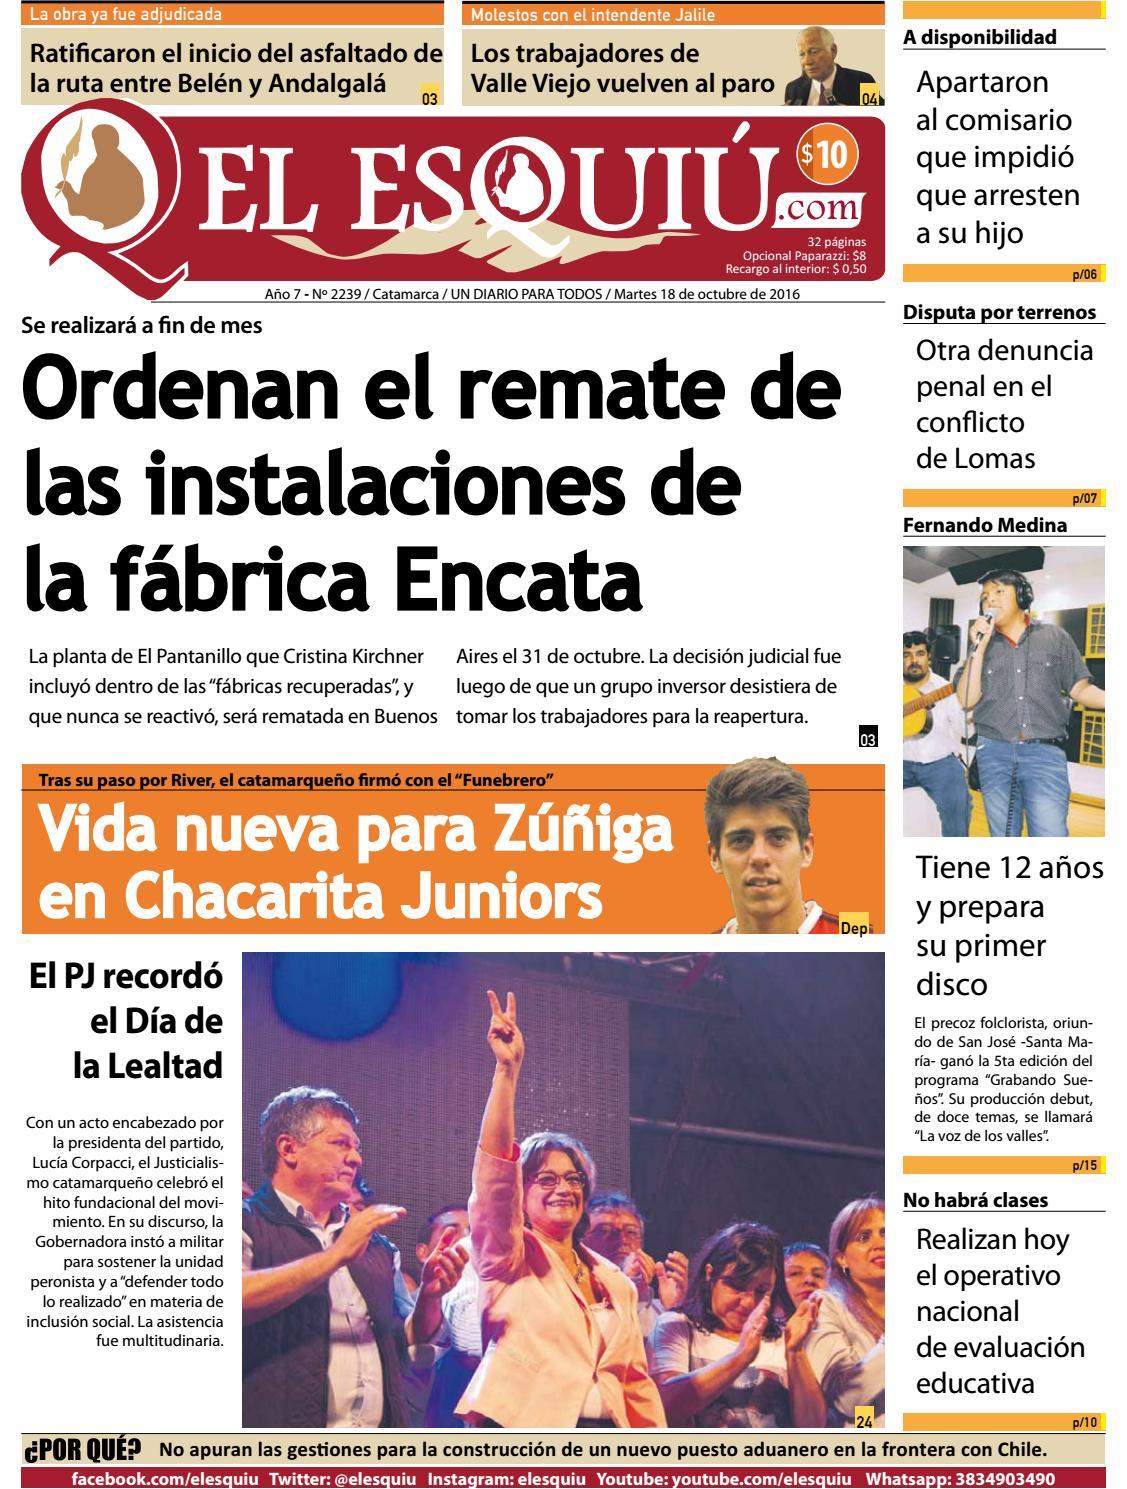 El Esquiu.com 38df427d407